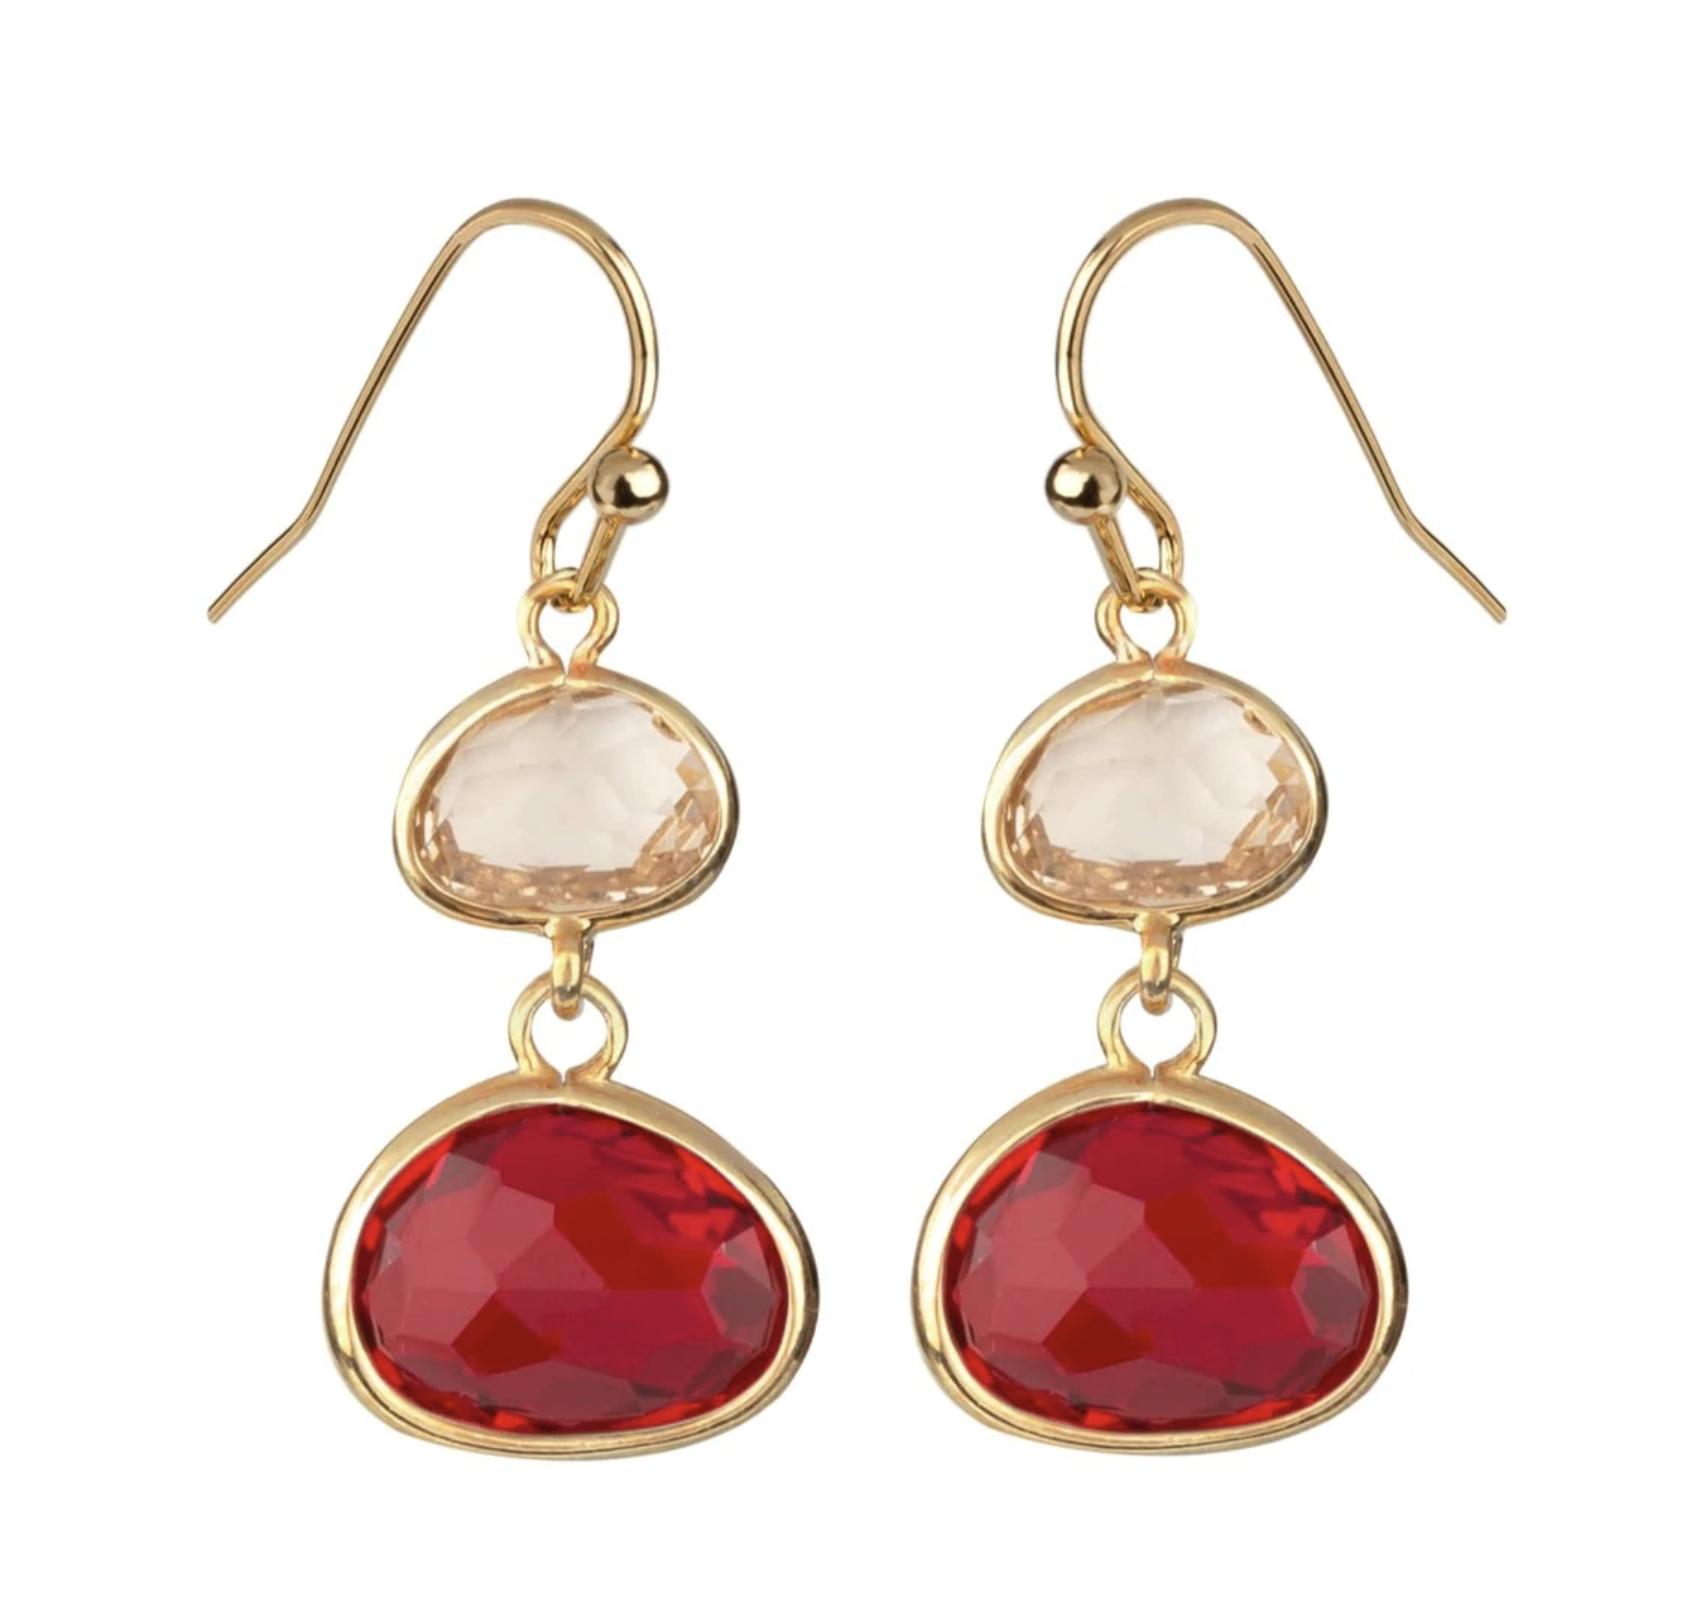 Pendientes Vidal & Vidal colección Esentials dorado gemas de colores